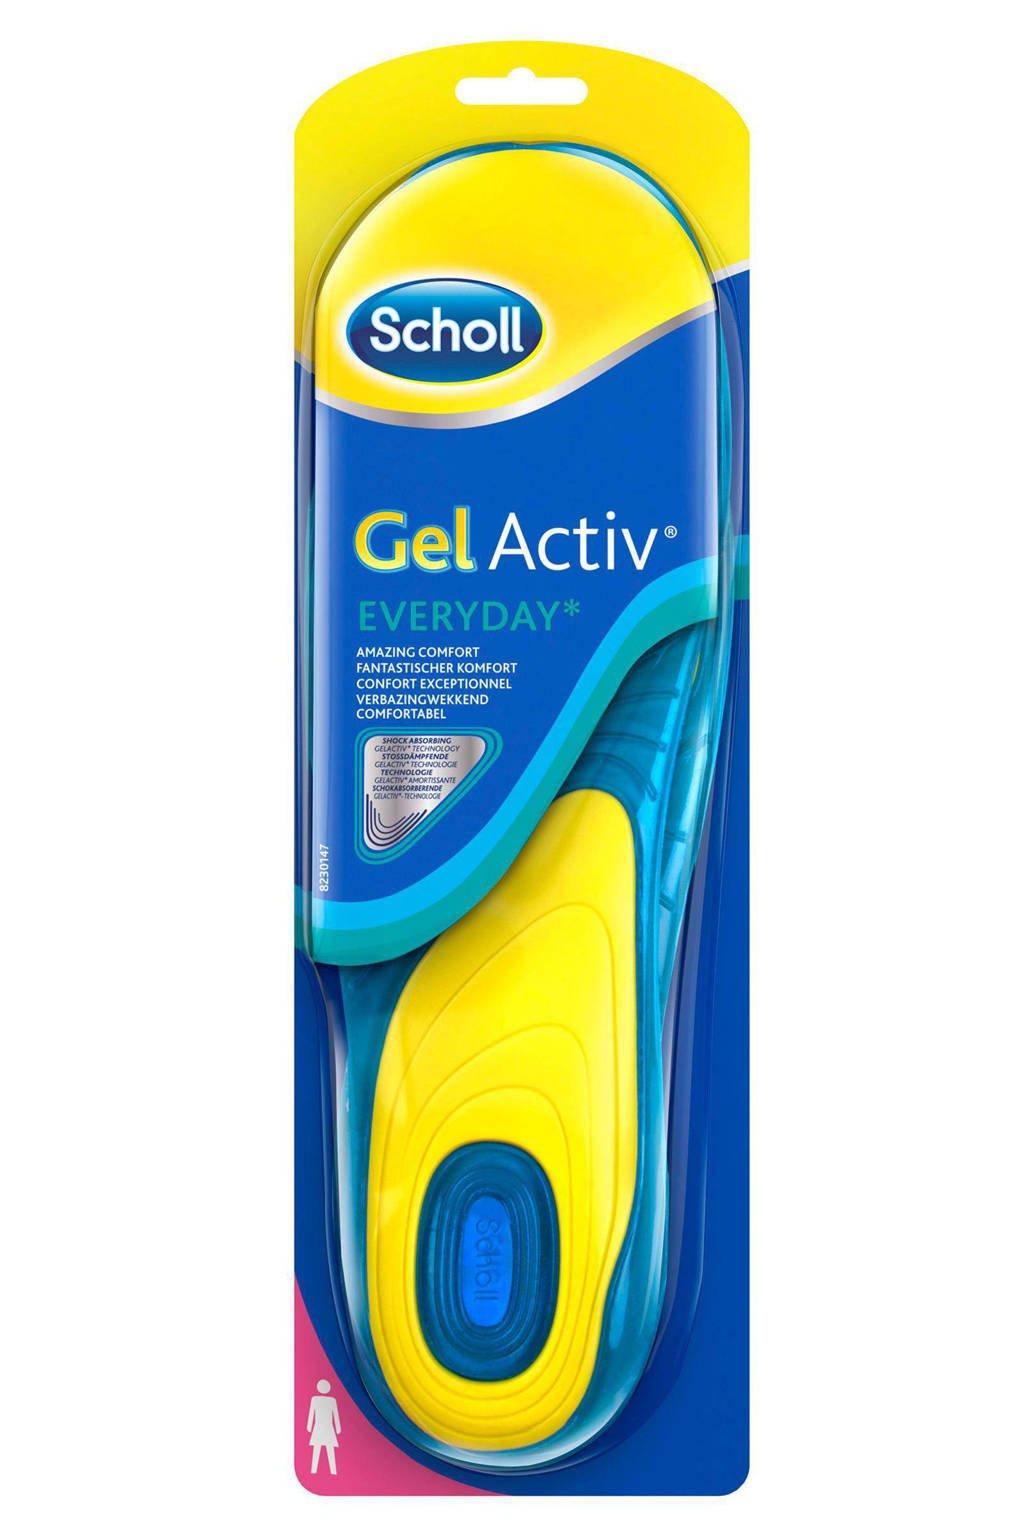 Scholl Gel Activ zolen - iedere dag